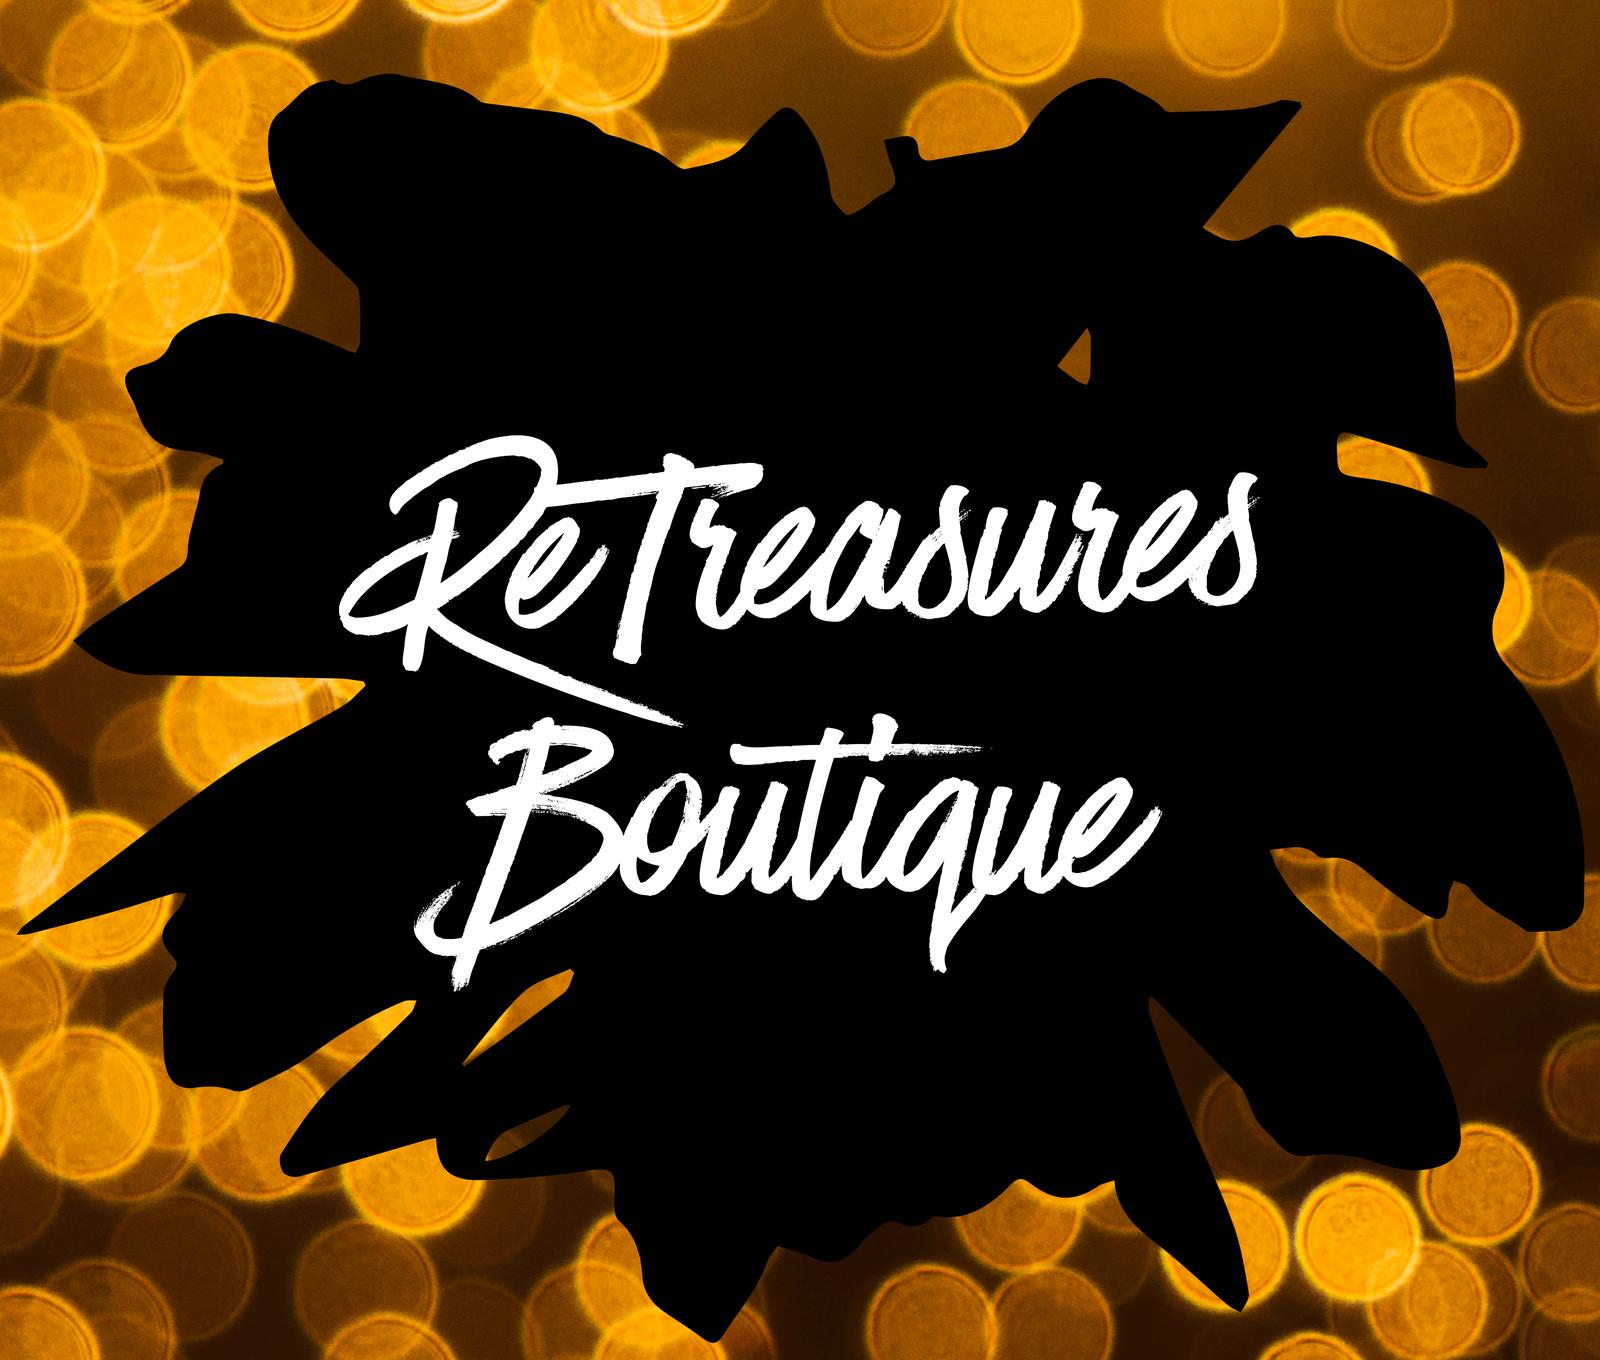 Evan's Re-Treasures Boutique